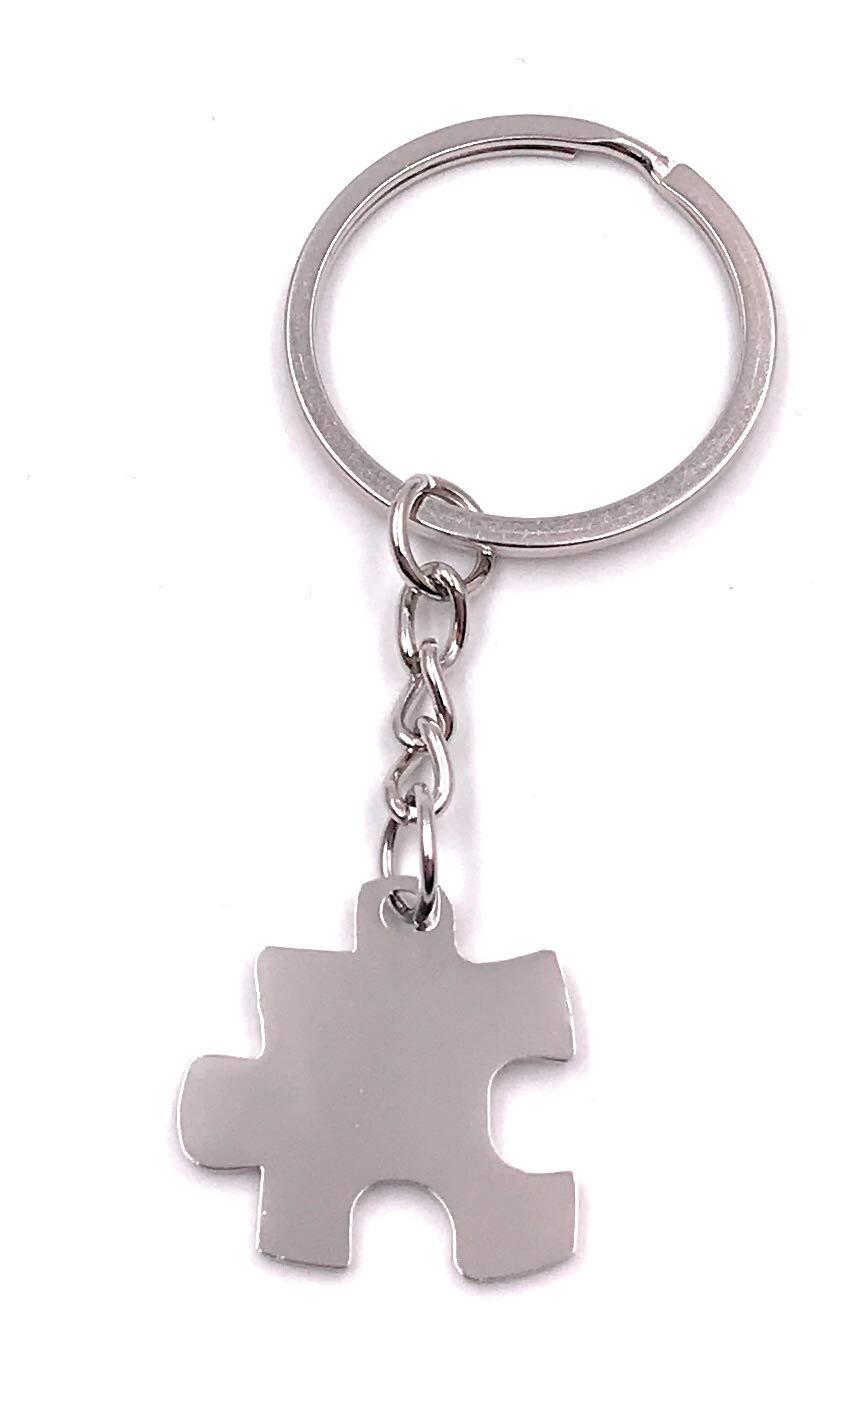 Onlineworld2013 Llavero Puzzle Pieza Puzzle Metal Colgante Charm